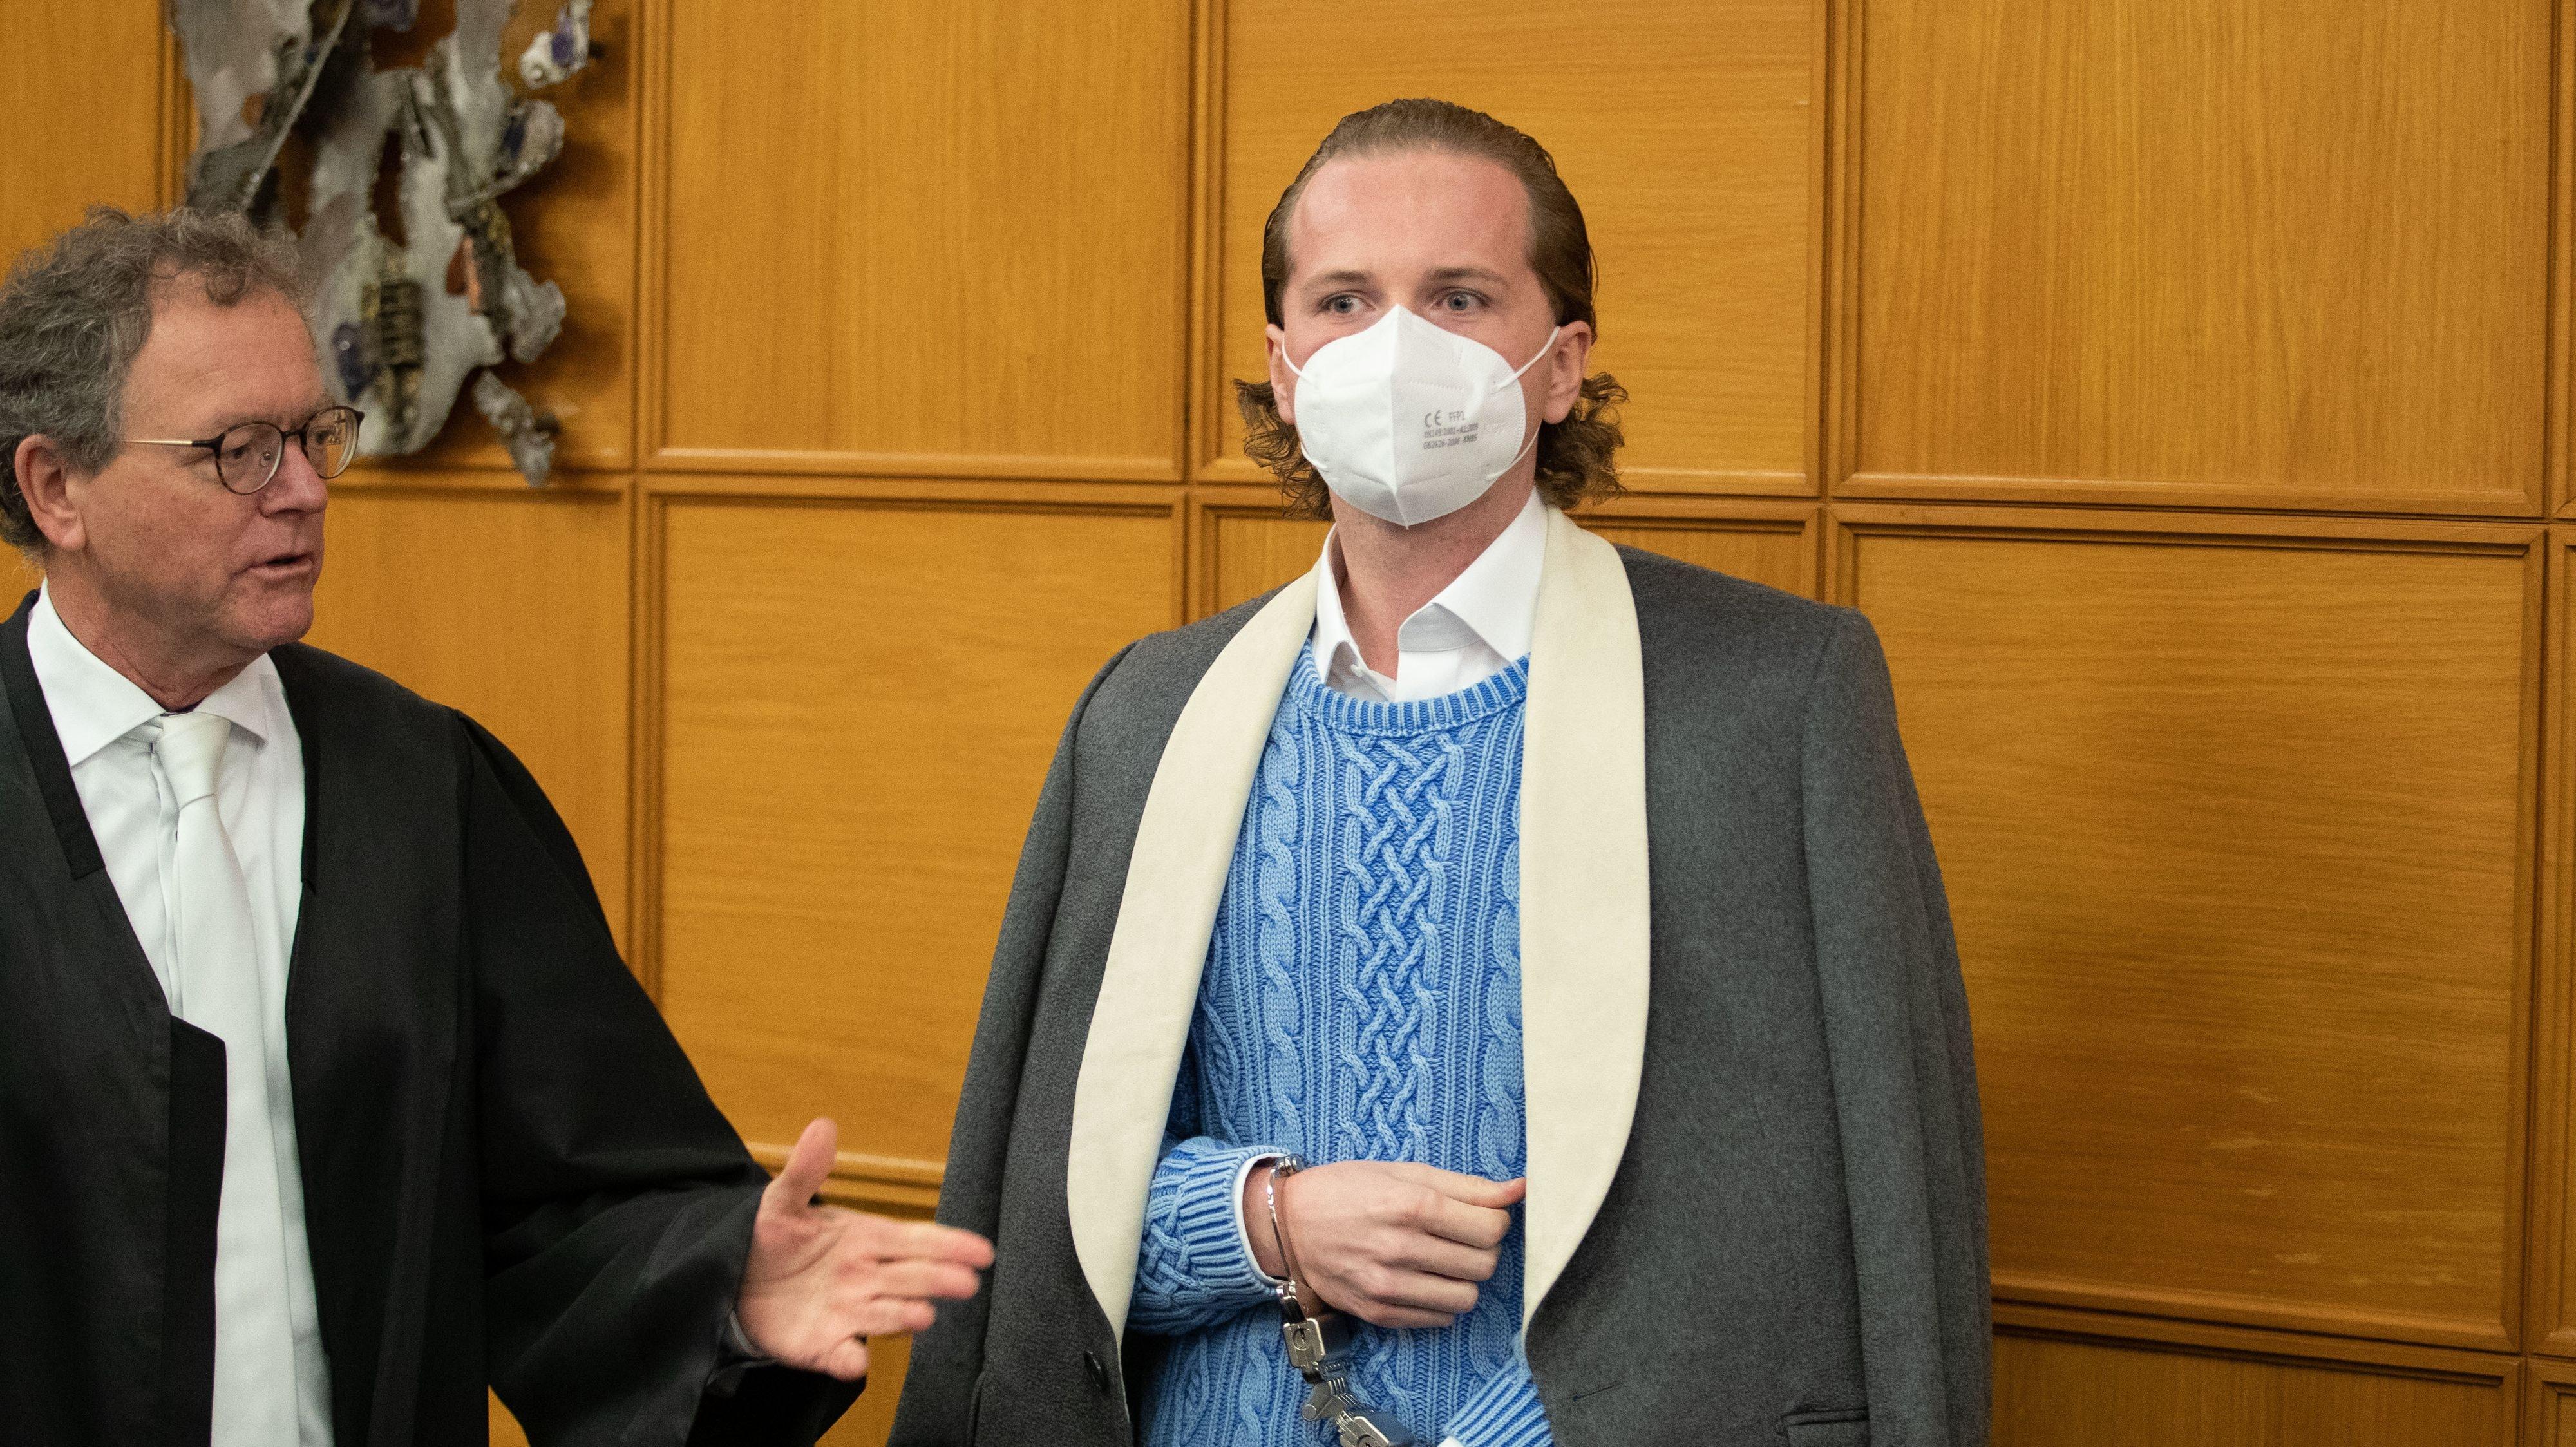 Weiter geht es: Das Verfahren wird fortgesetzt werden müssen. Das Archivbild zeigt Hendrik Holt bei einem Termin in Meppen. Foto: dpa/Gentsch